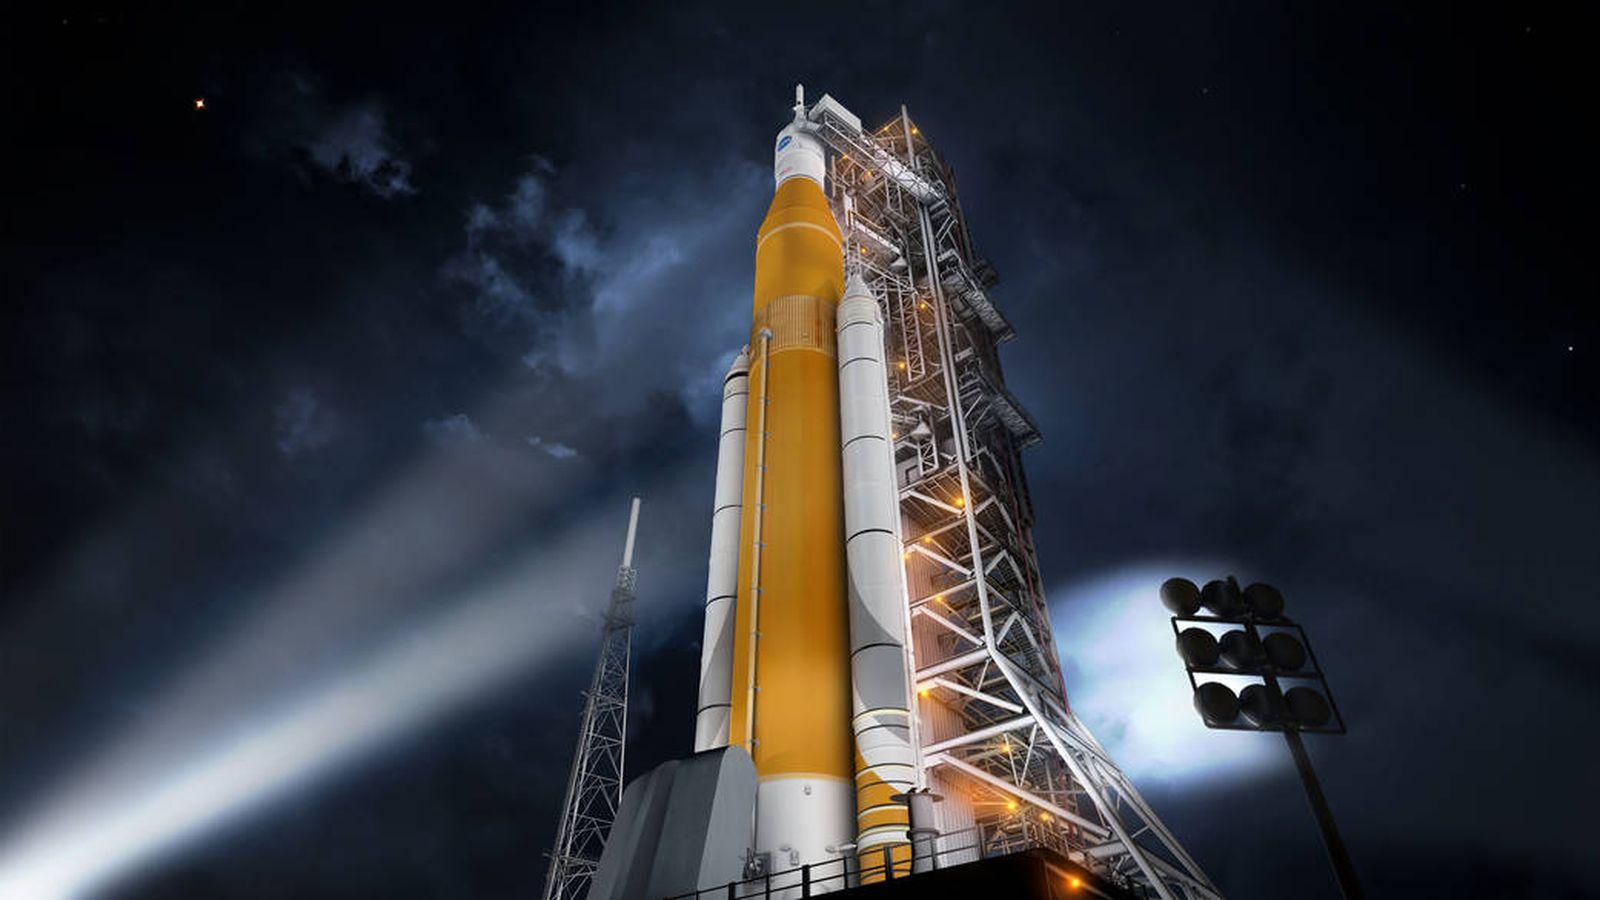 Сверхтяжелая ракета-носитель НАСА подорожает минимум на $500 млн, а ее запуск отложат еще на год - 2